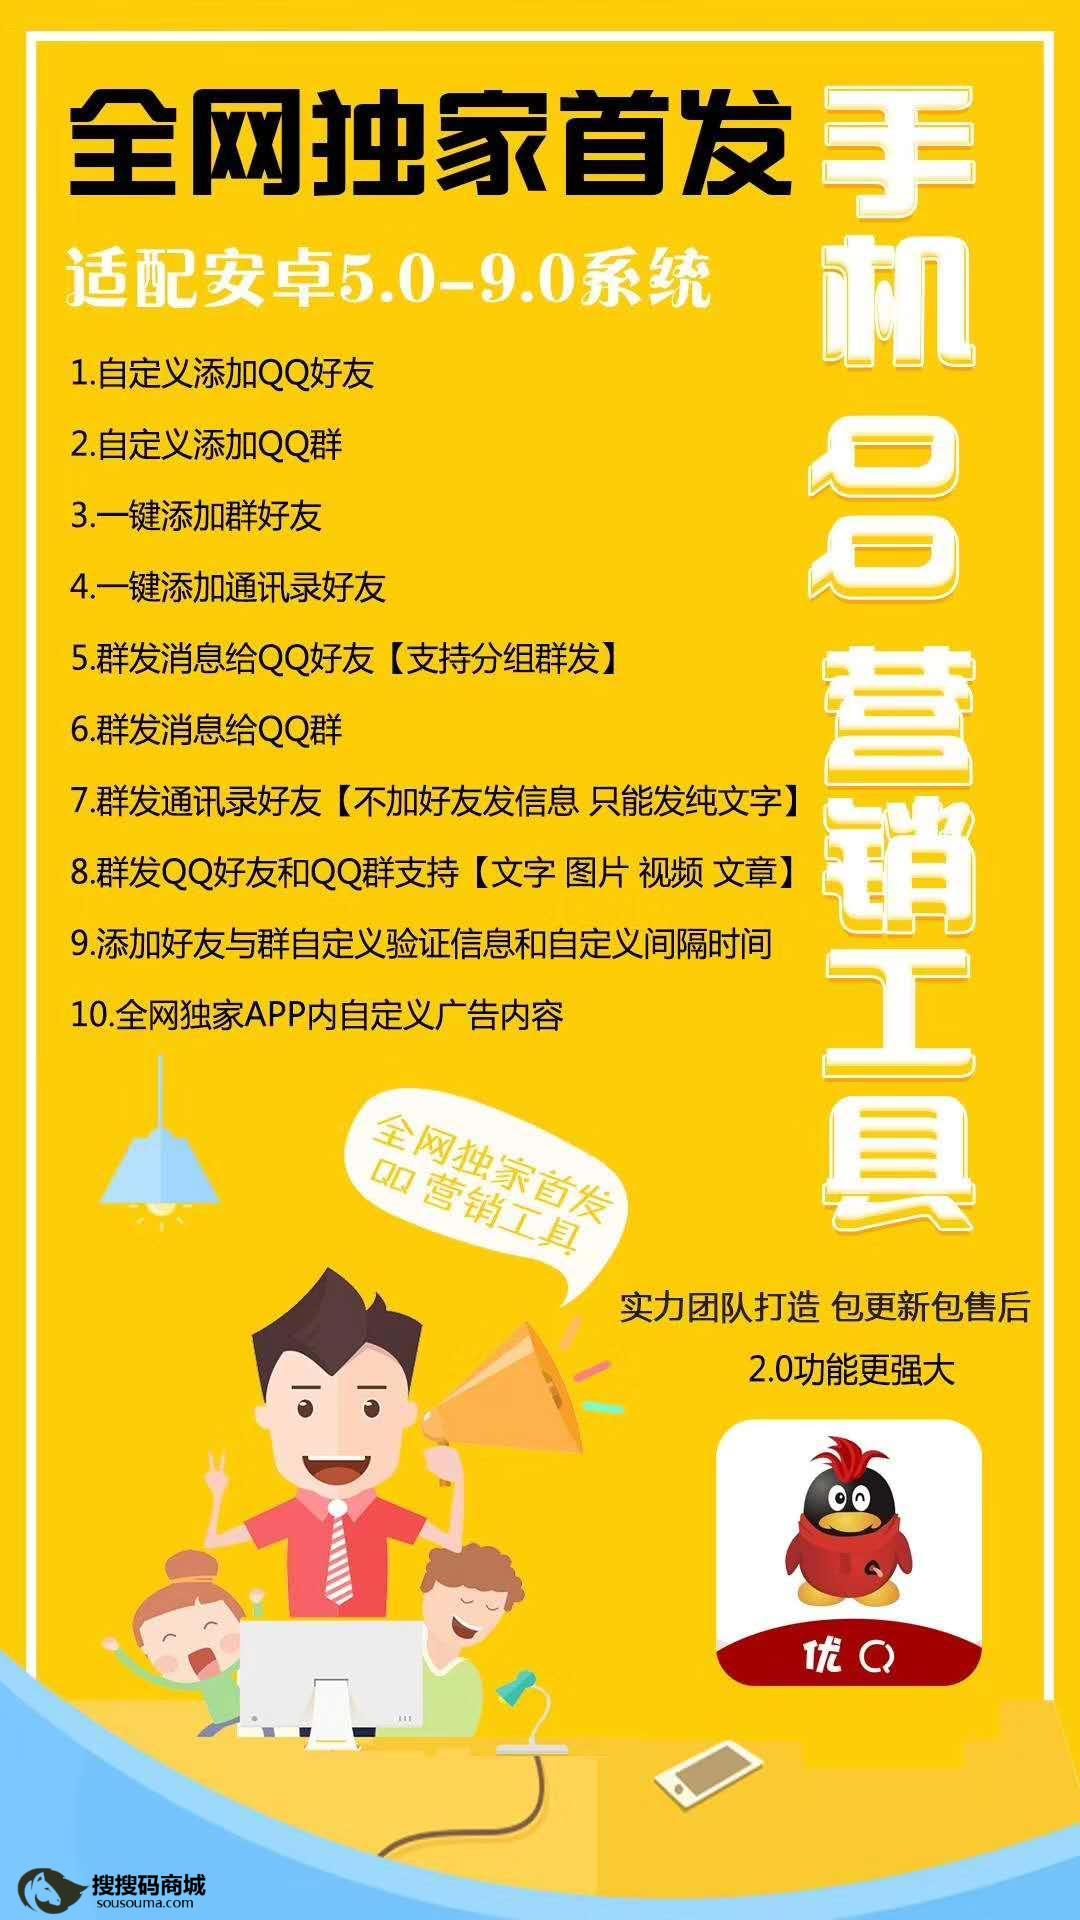 【优Q辅助】安卓QQ助手营销多功能自动加好友自动群发自动群发图片文字视频文章